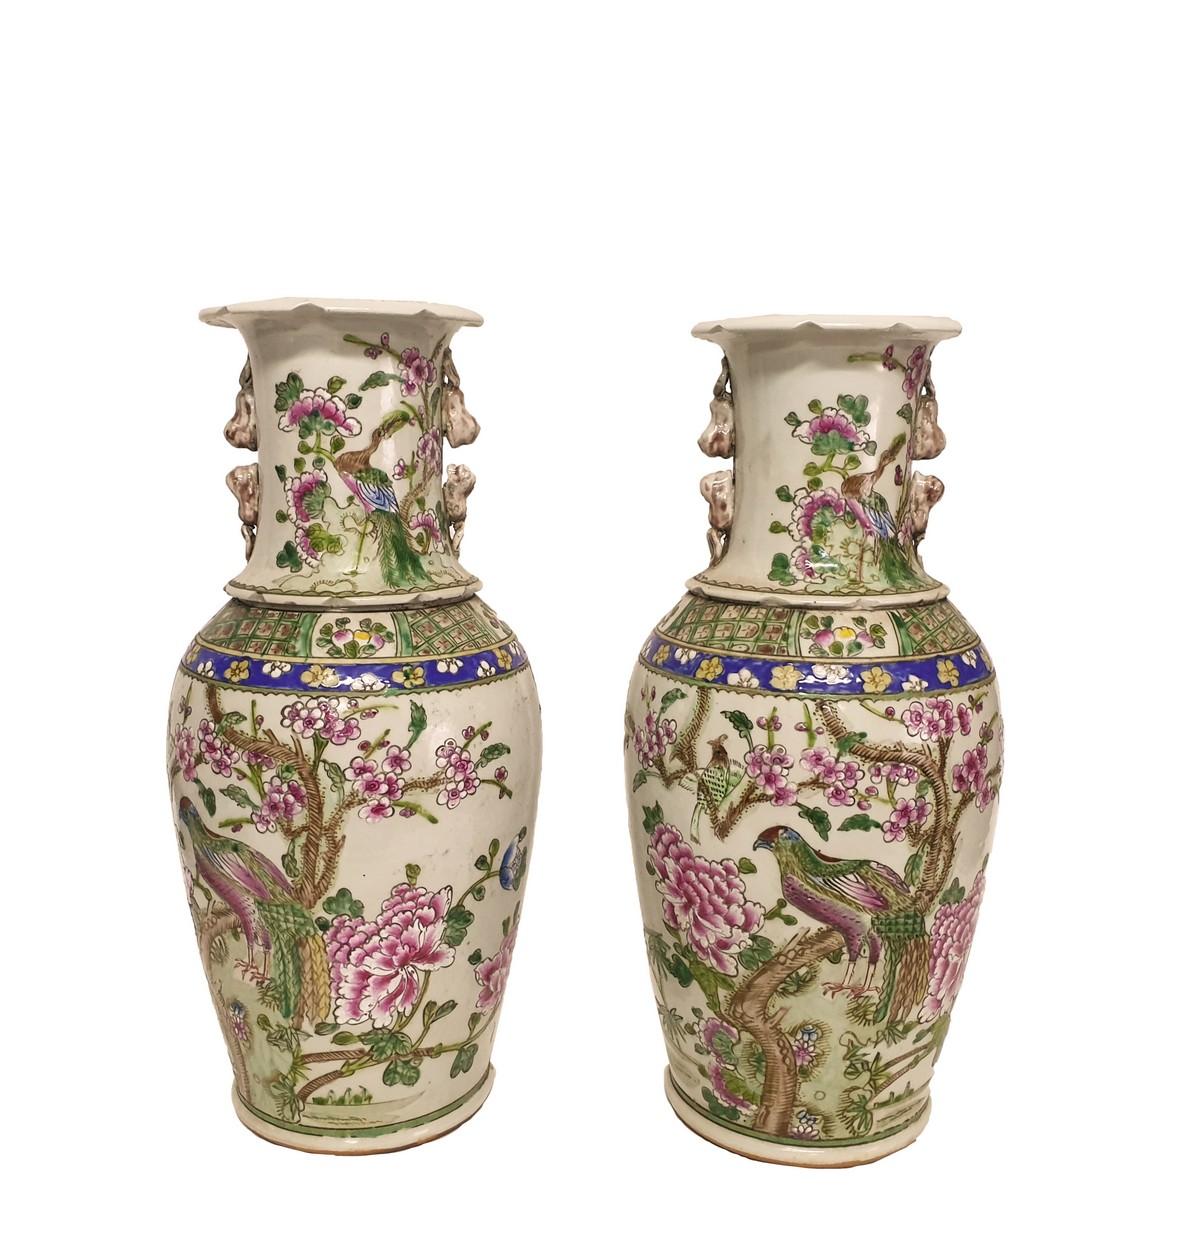 Pareja de jarrones en porcelana china. Dinastía Qing. Periodo Daoguang (1821-1850)